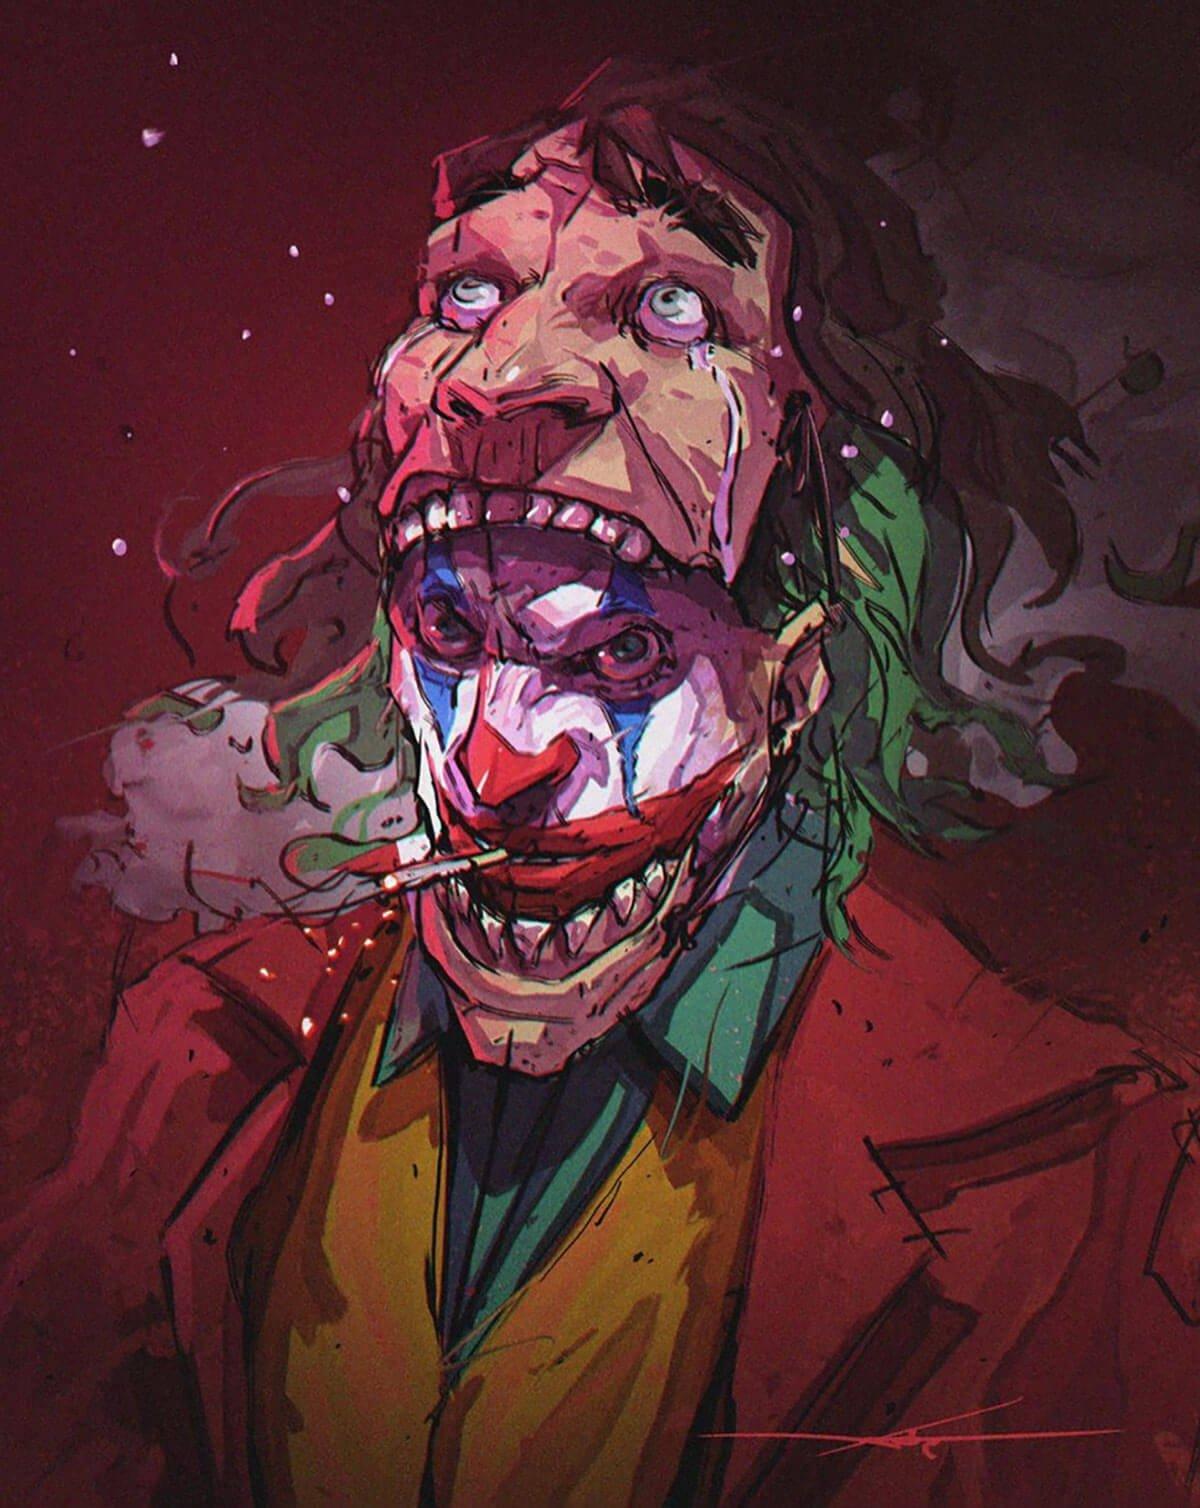 Joker by Warrick Wong